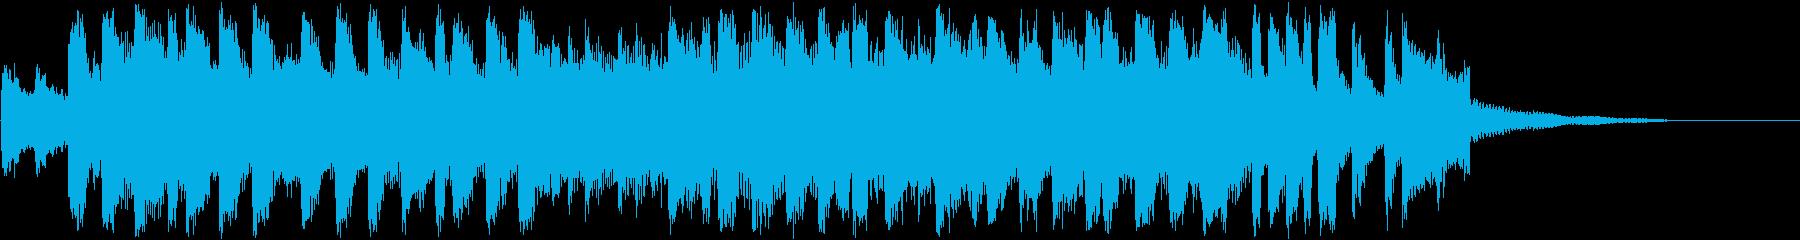 アイドル・テーマソング・OP・EDの再生済みの波形